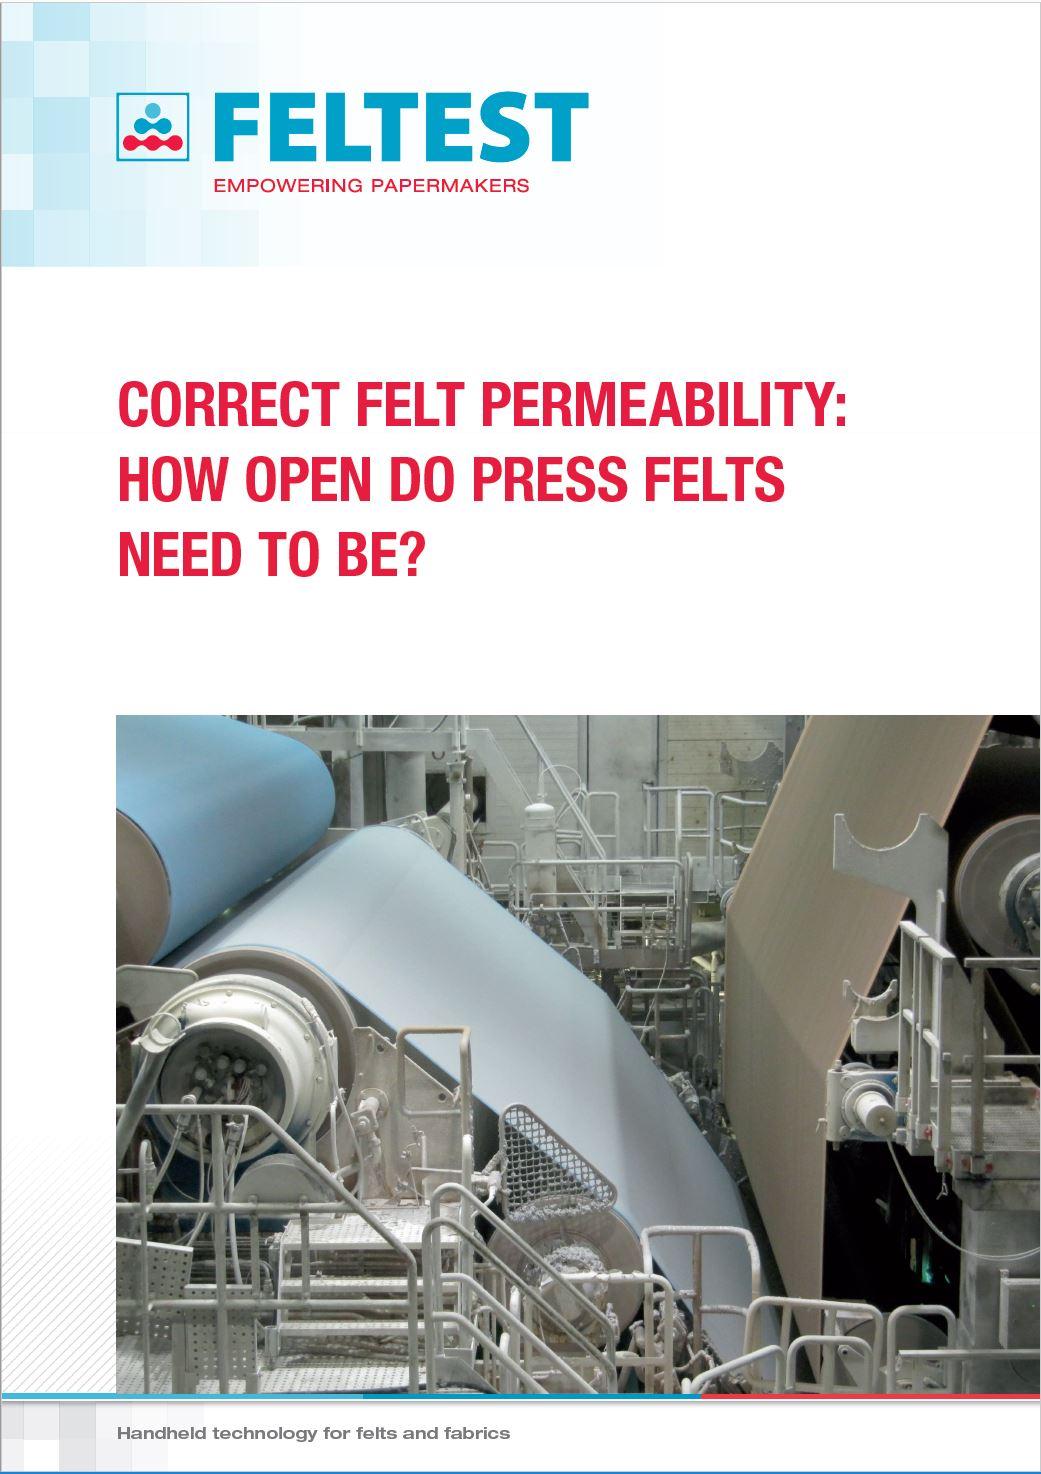 Kaft_WP1_correct-felt-permeability.jpg